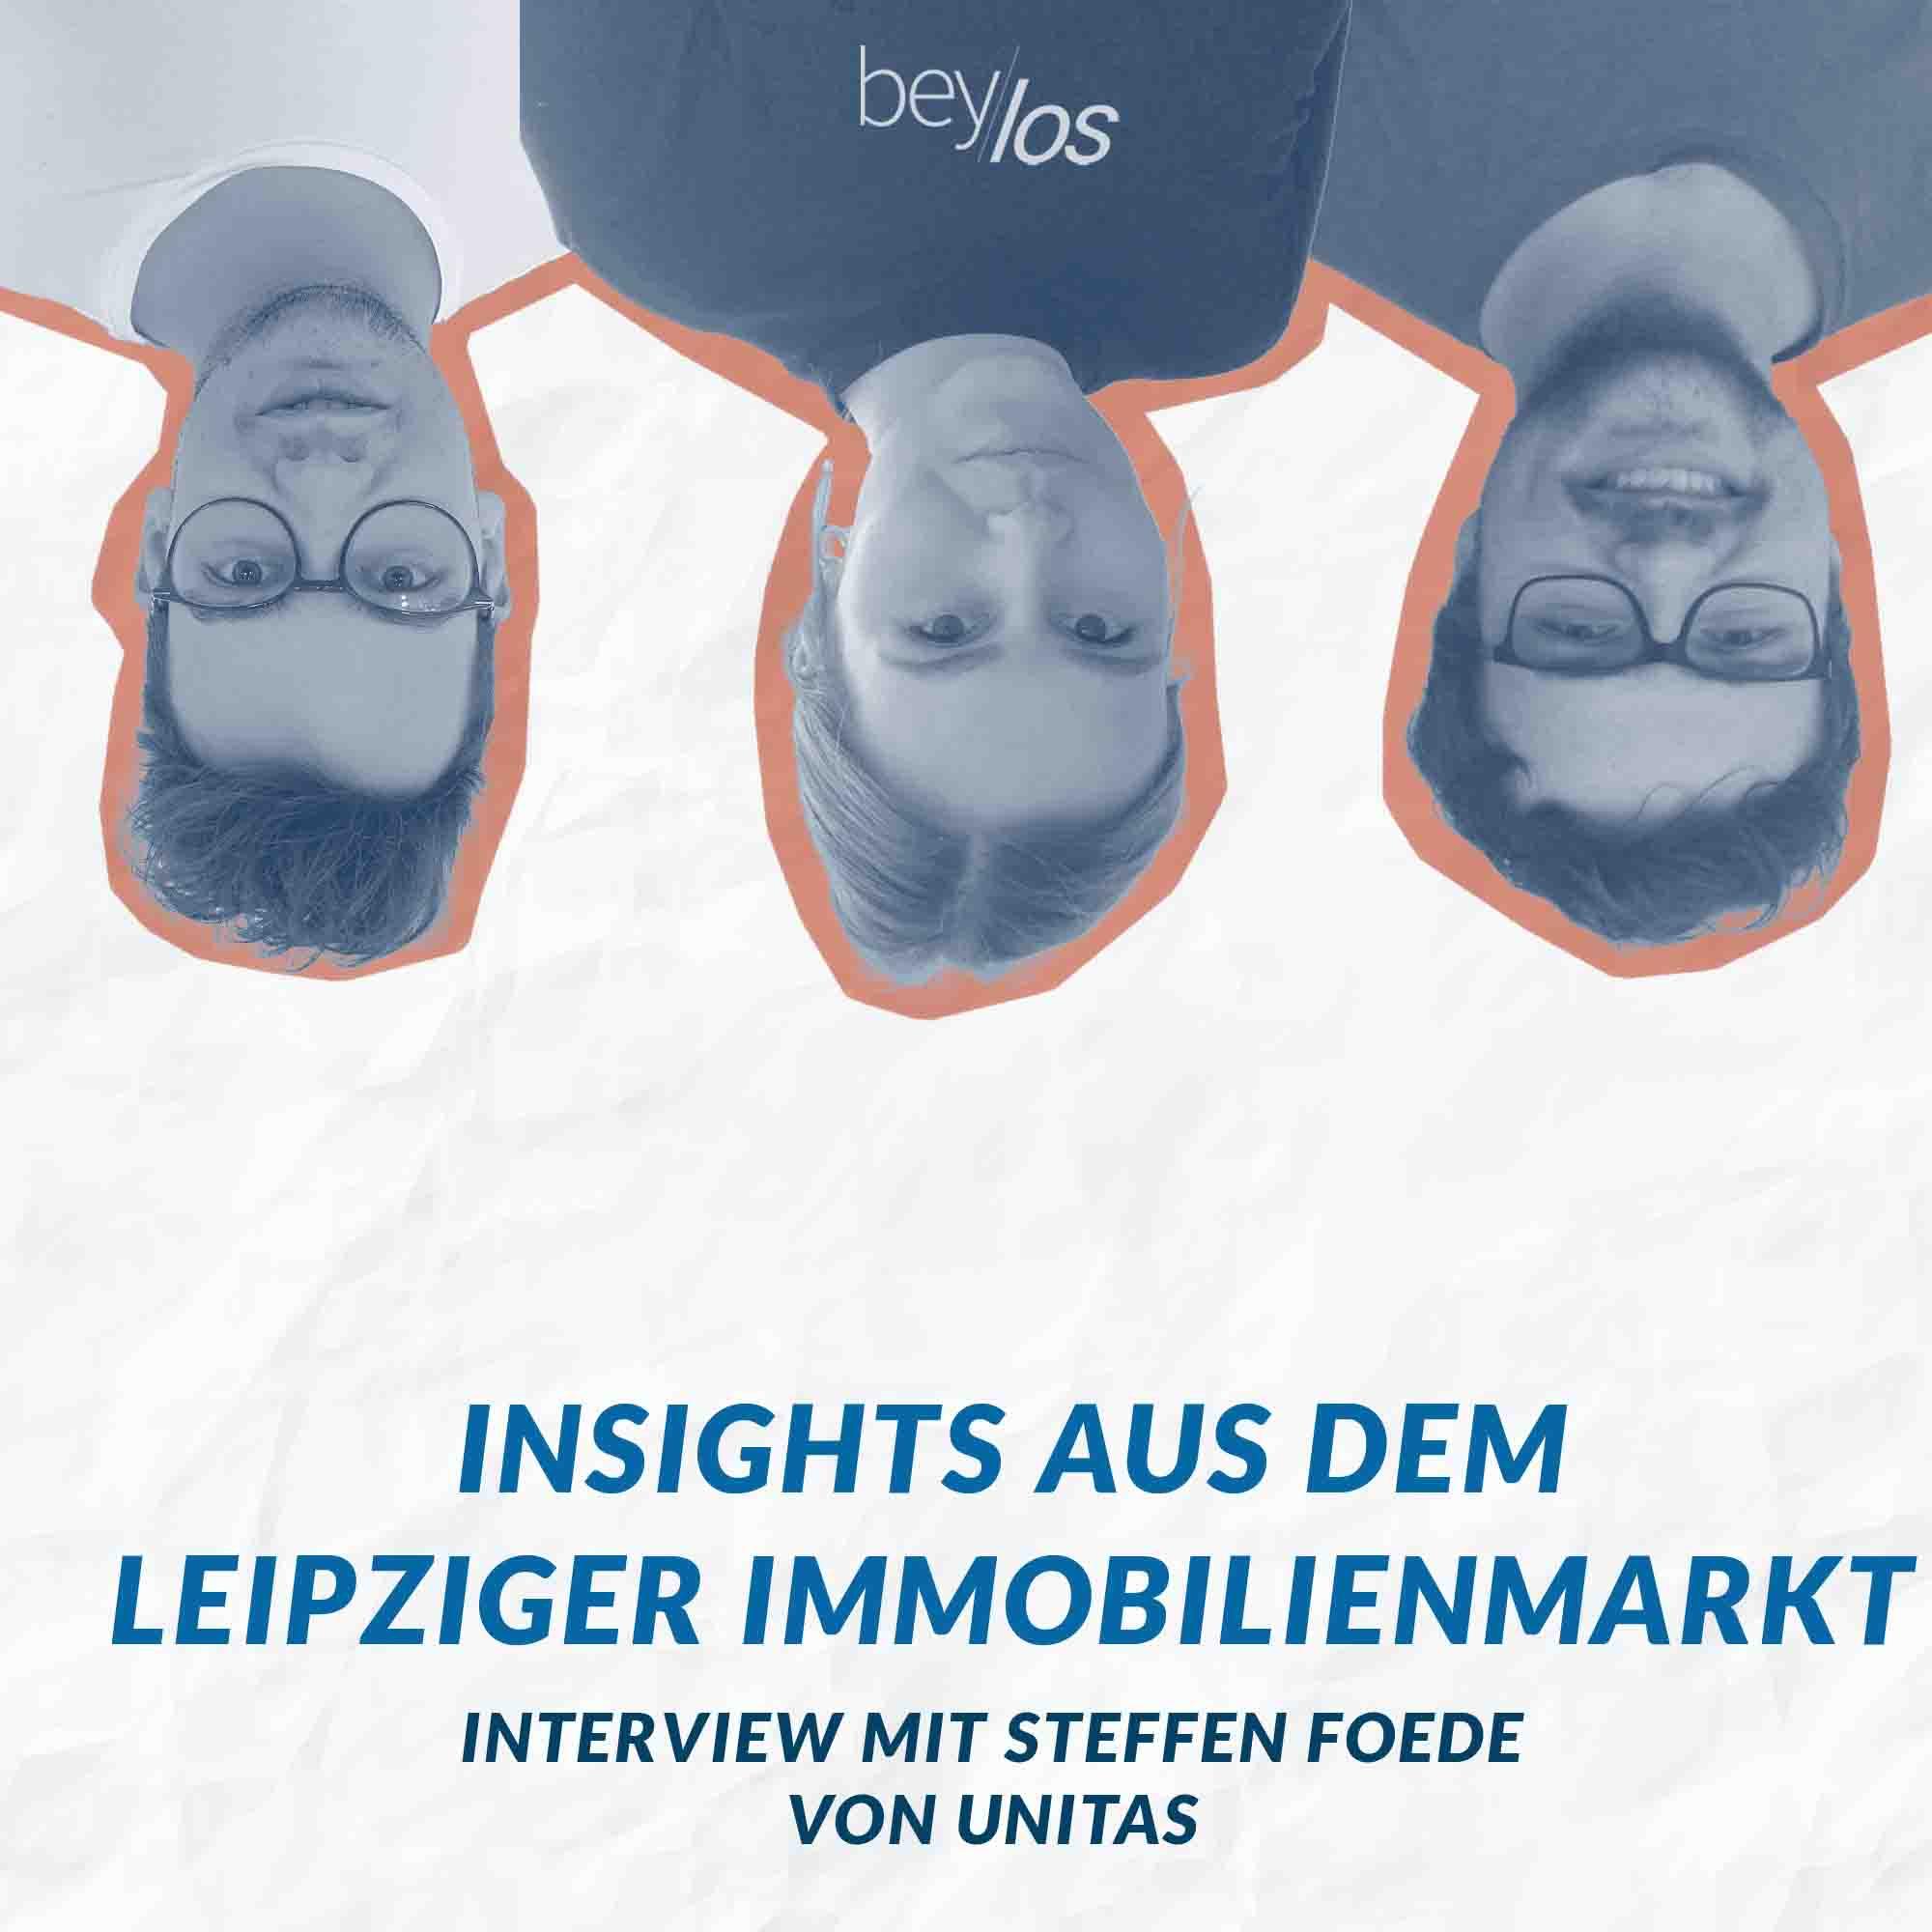 Insights aus dem Immobilienmarkt Leipzig